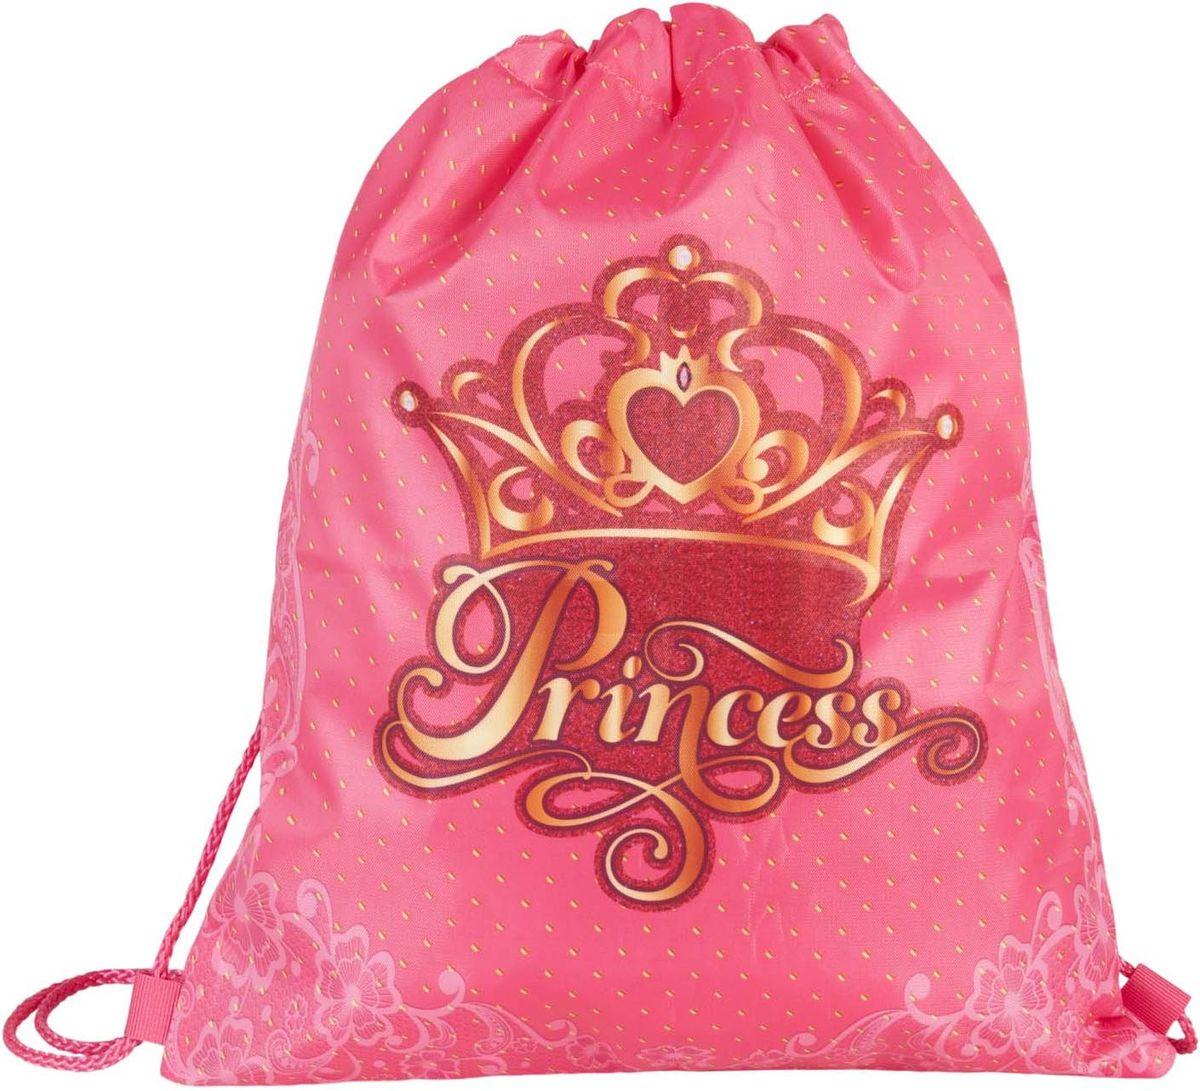 Target Collection Сумка для детской сменной обуви Принцесса 1790817908Сумка для переноски детской обуви, выполнена из плотного водостойкого материала, затягивается сверху шнурком и носится, как рюкзак.